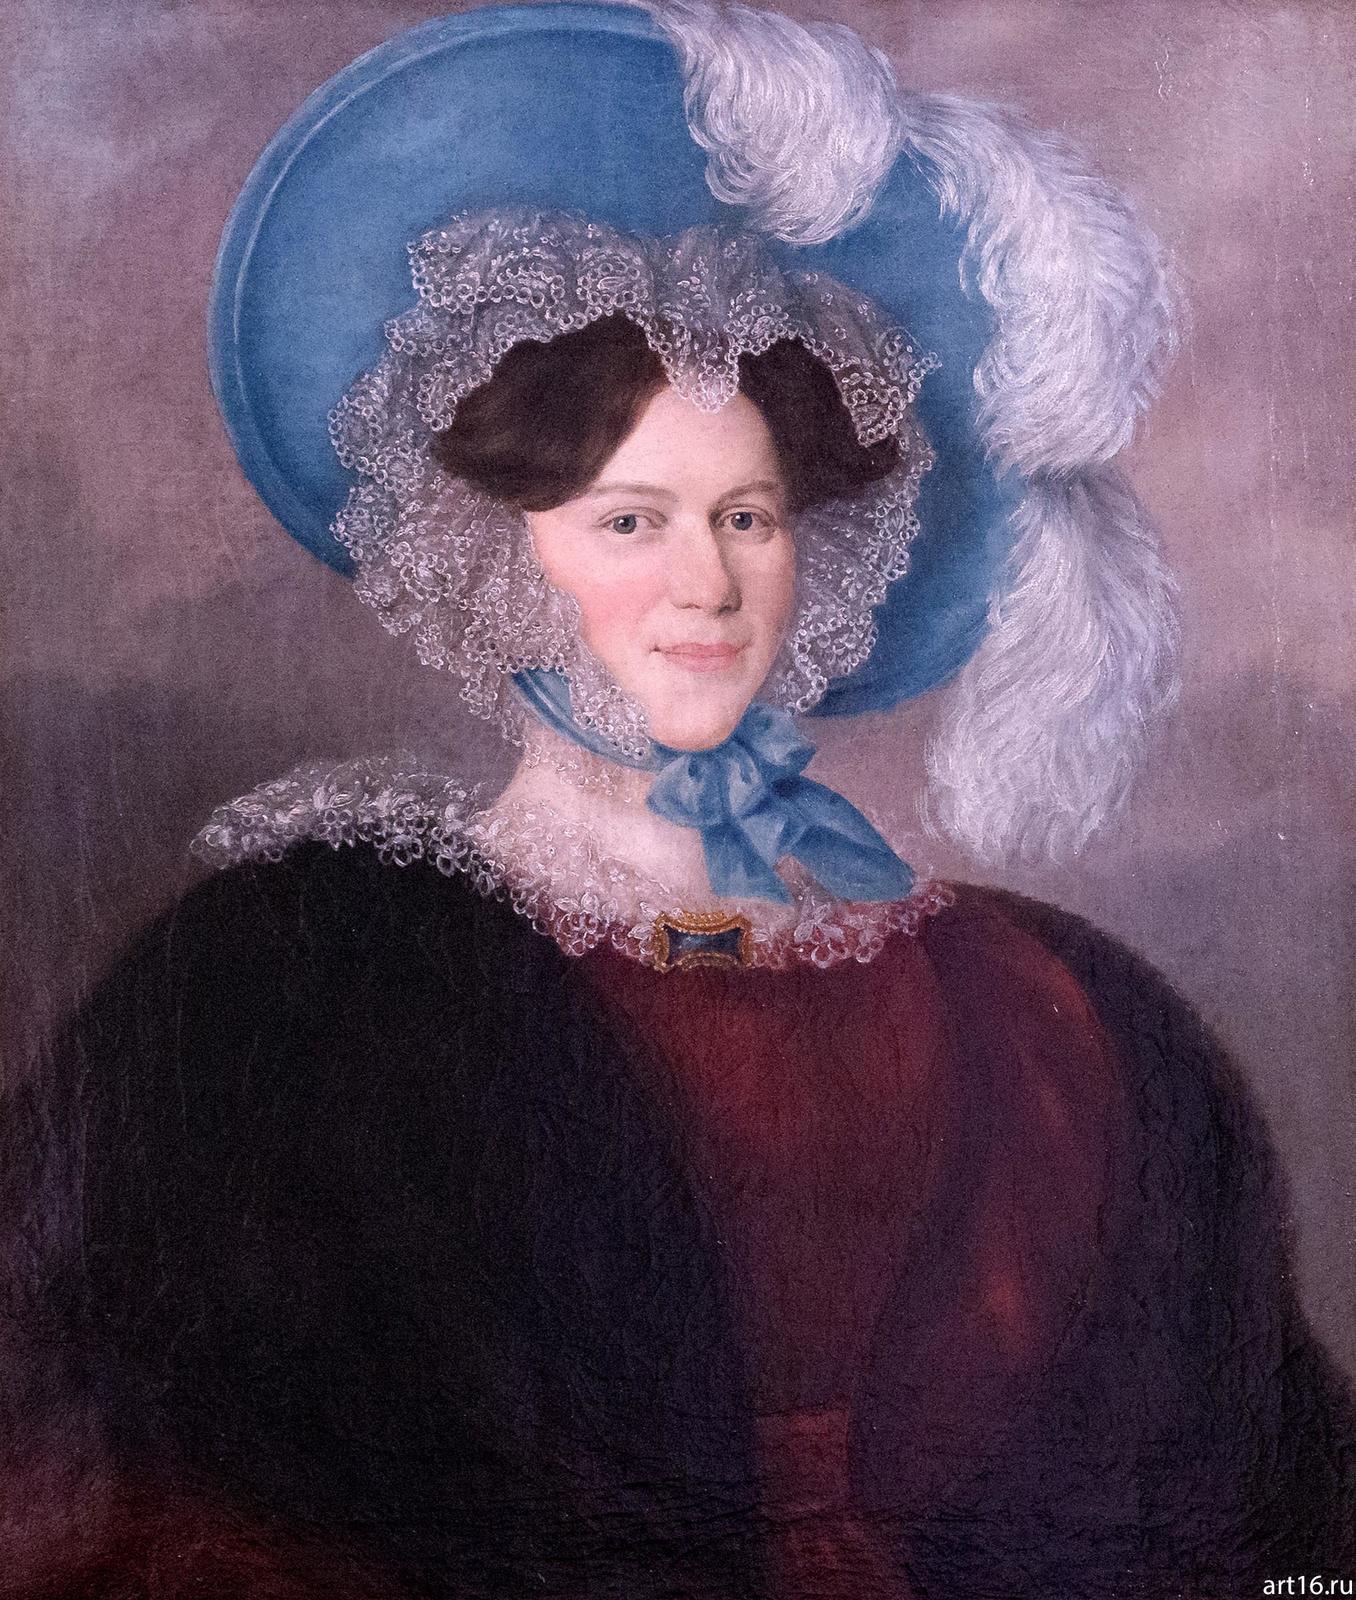 Фото №894754. Александра Андреевна Фукс. 1830-е. Л.Крюков